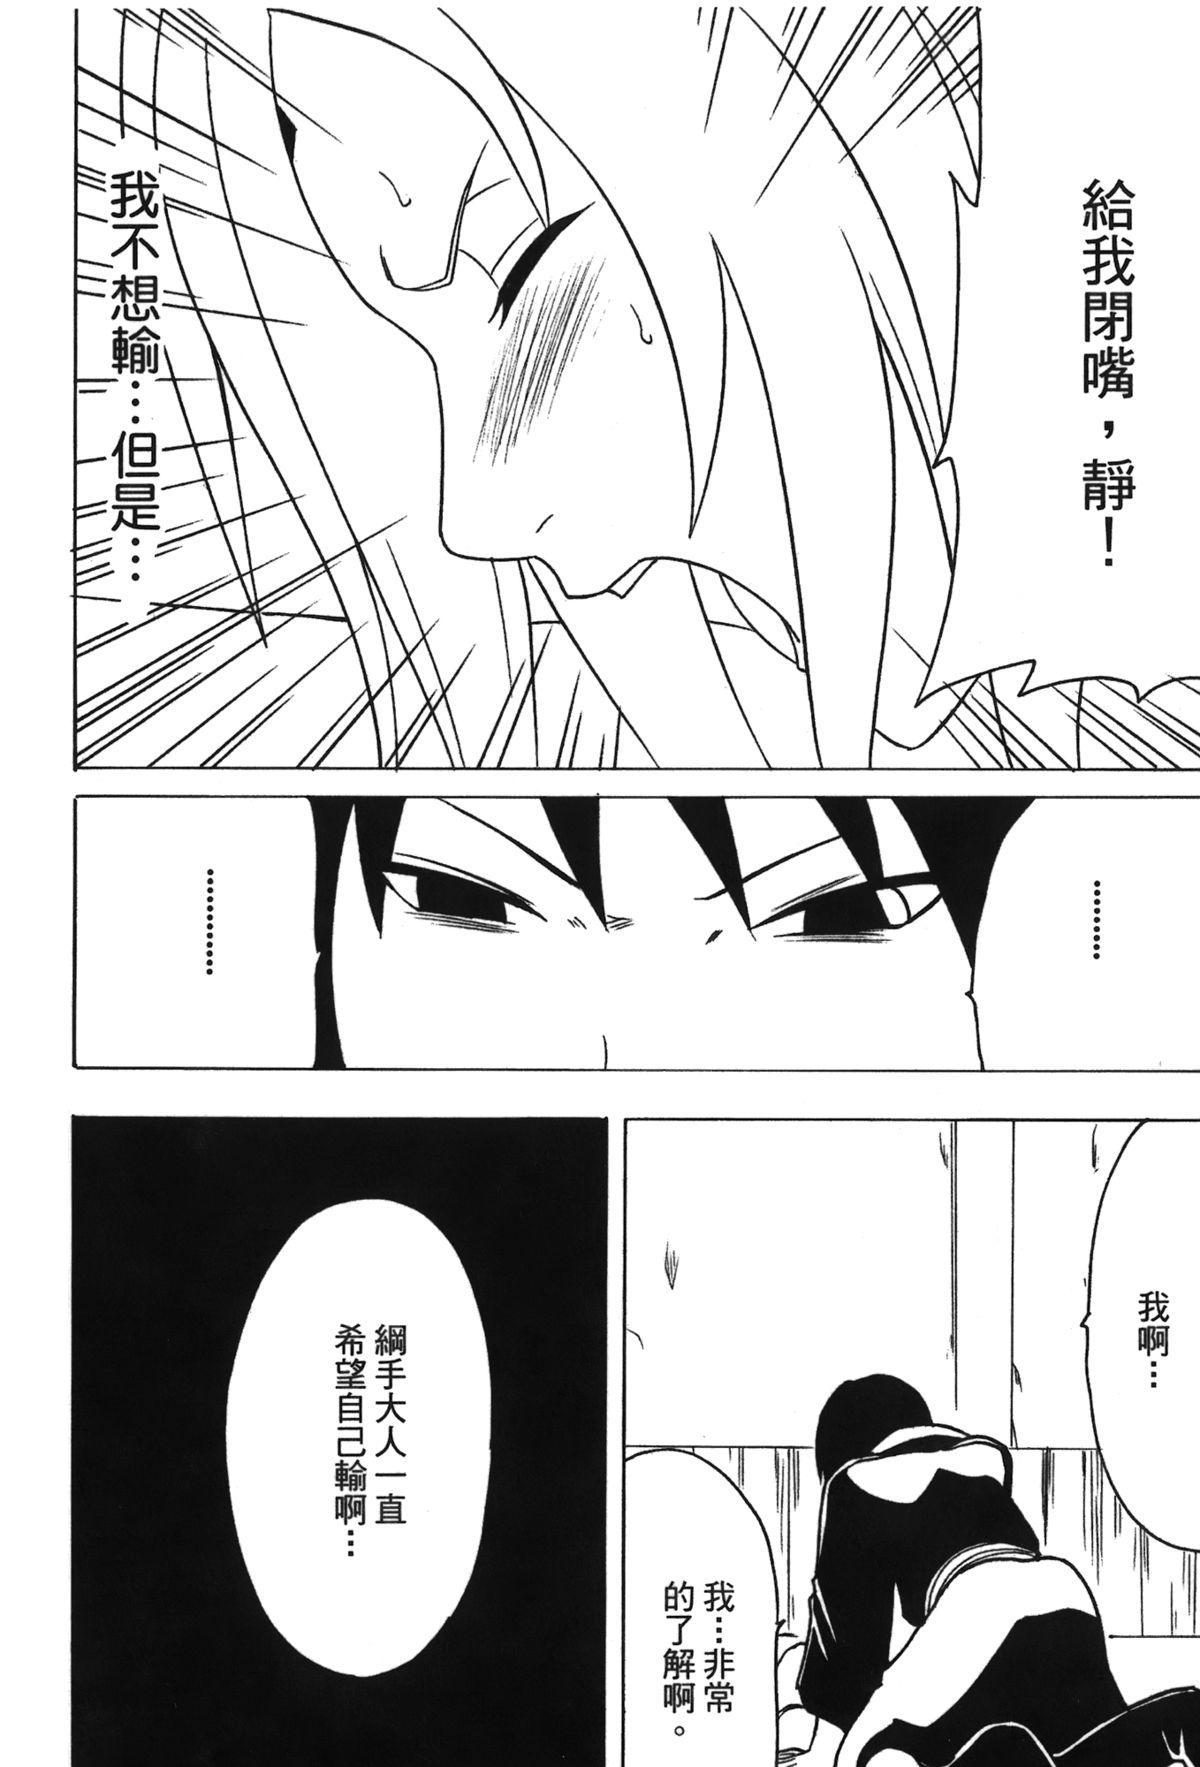 火影忍传第叁卷01